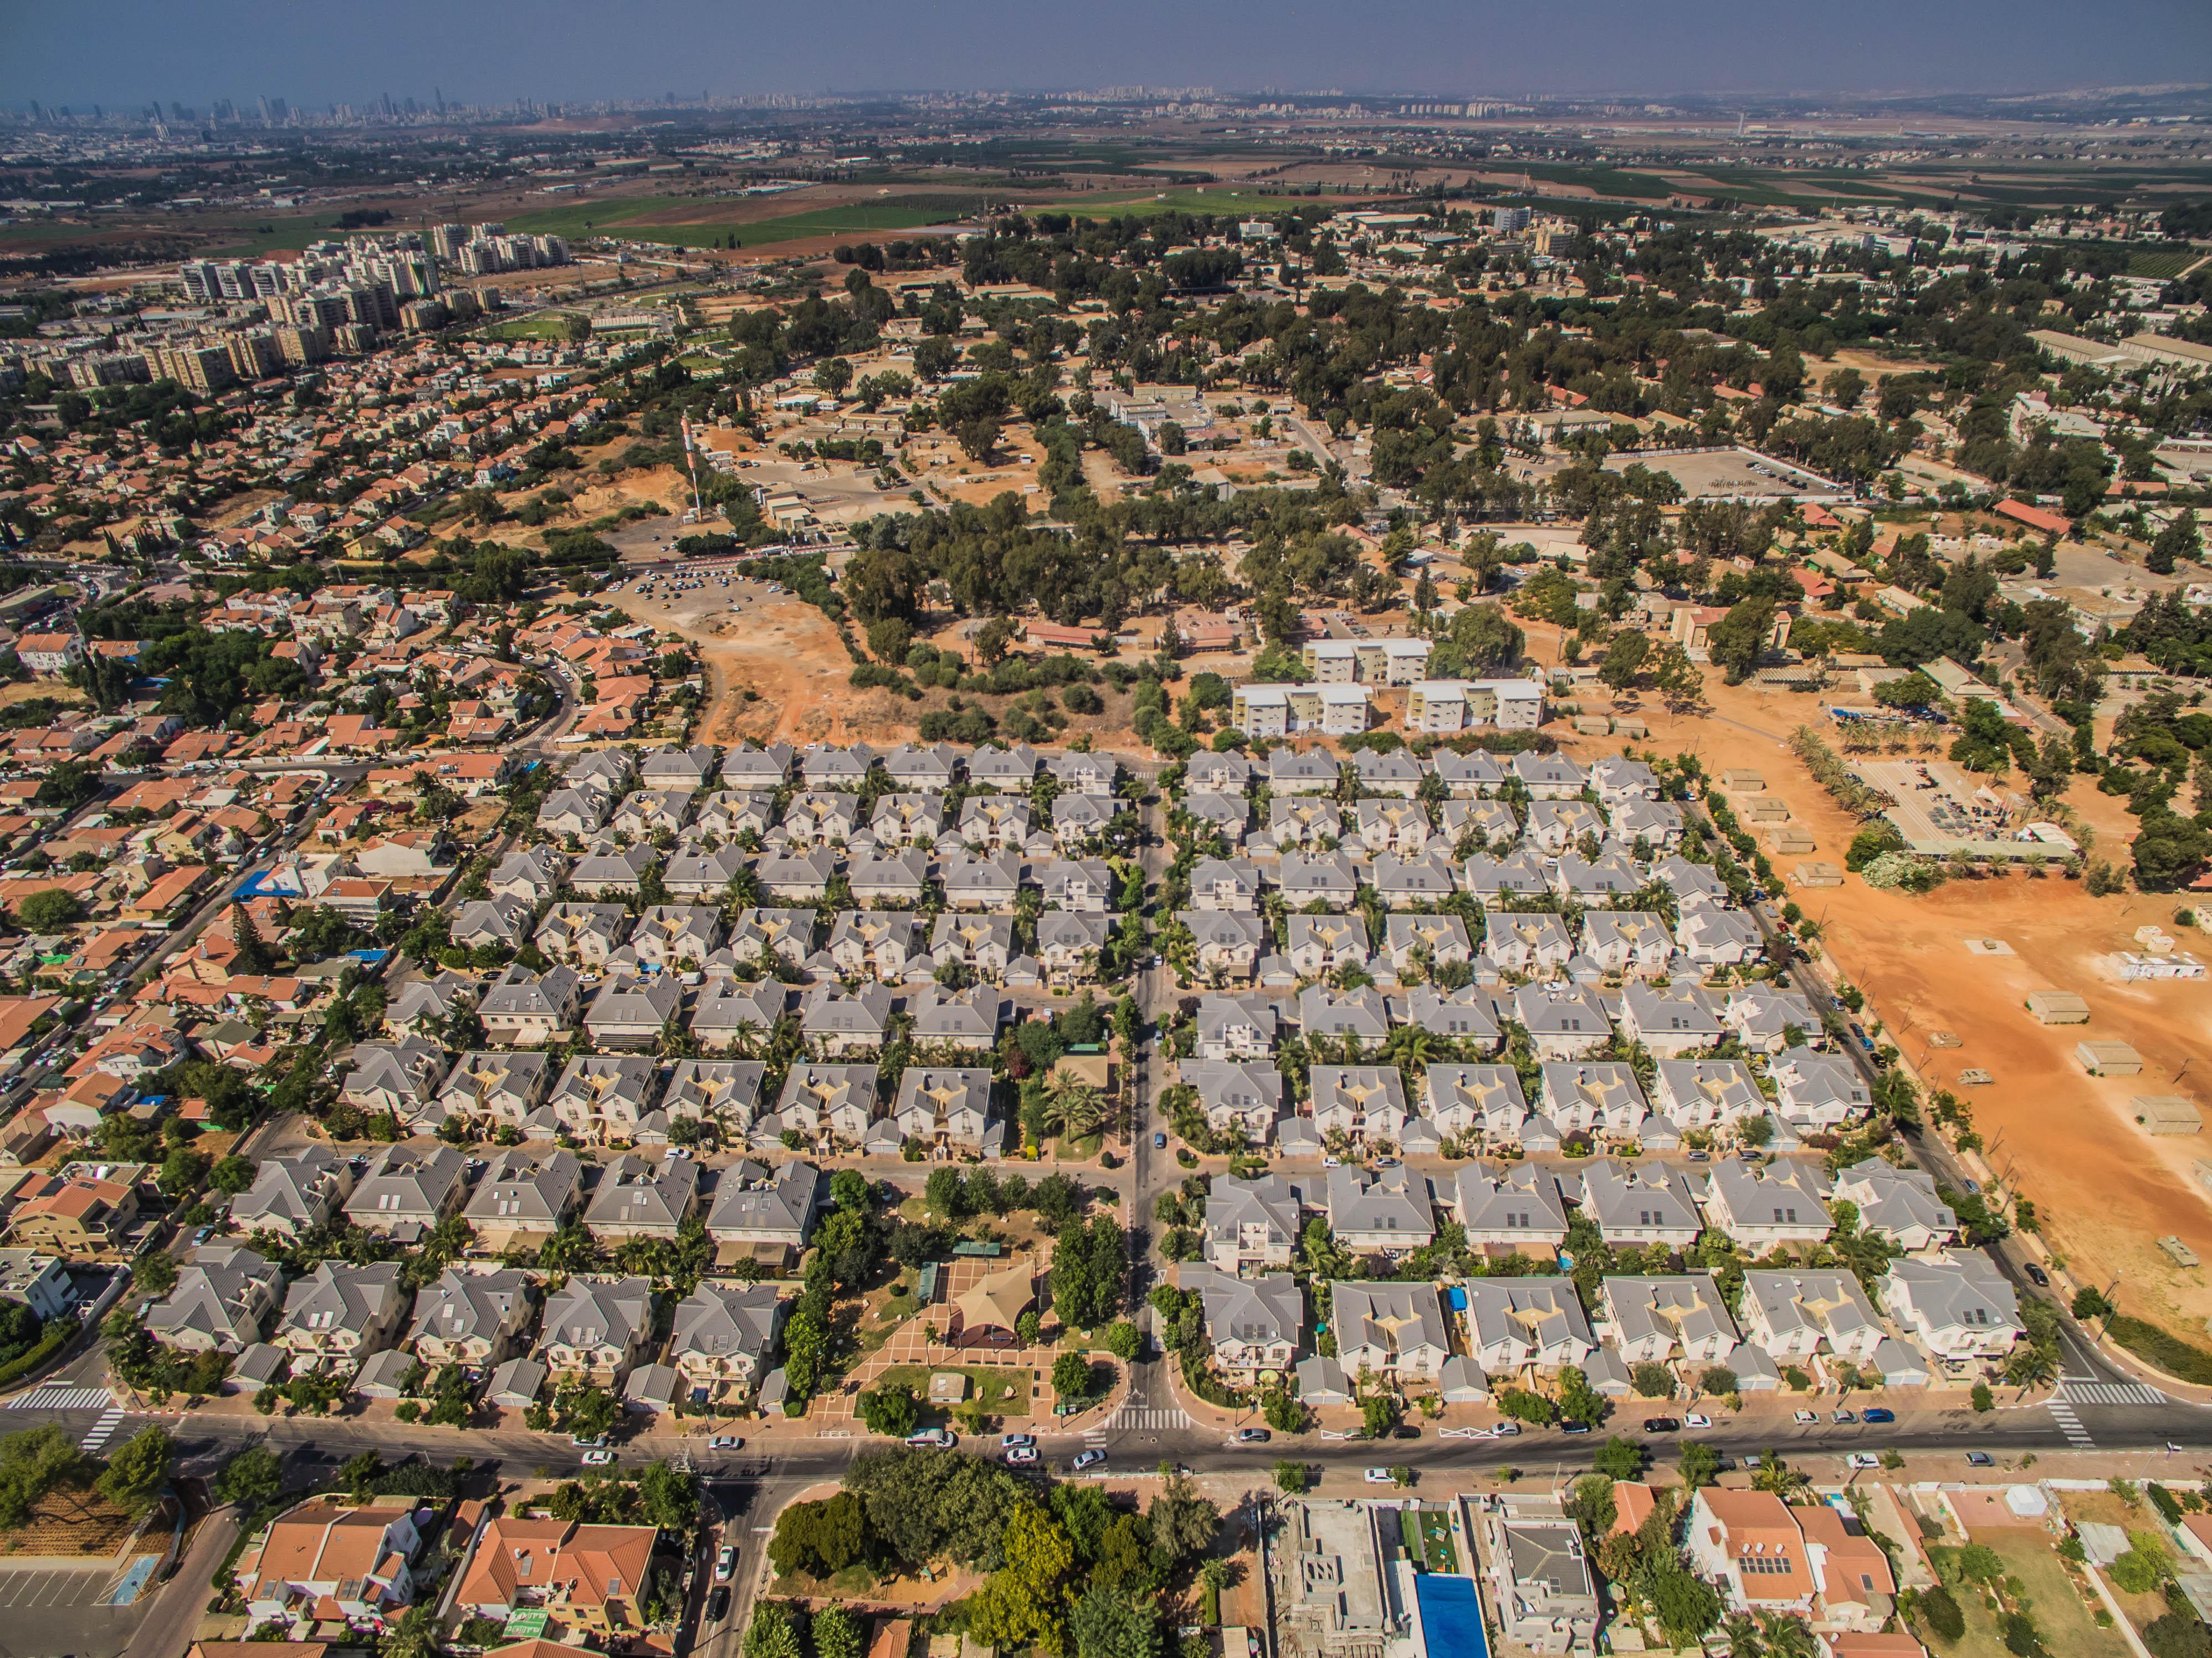 צילום אווירי של שכונת מגורים